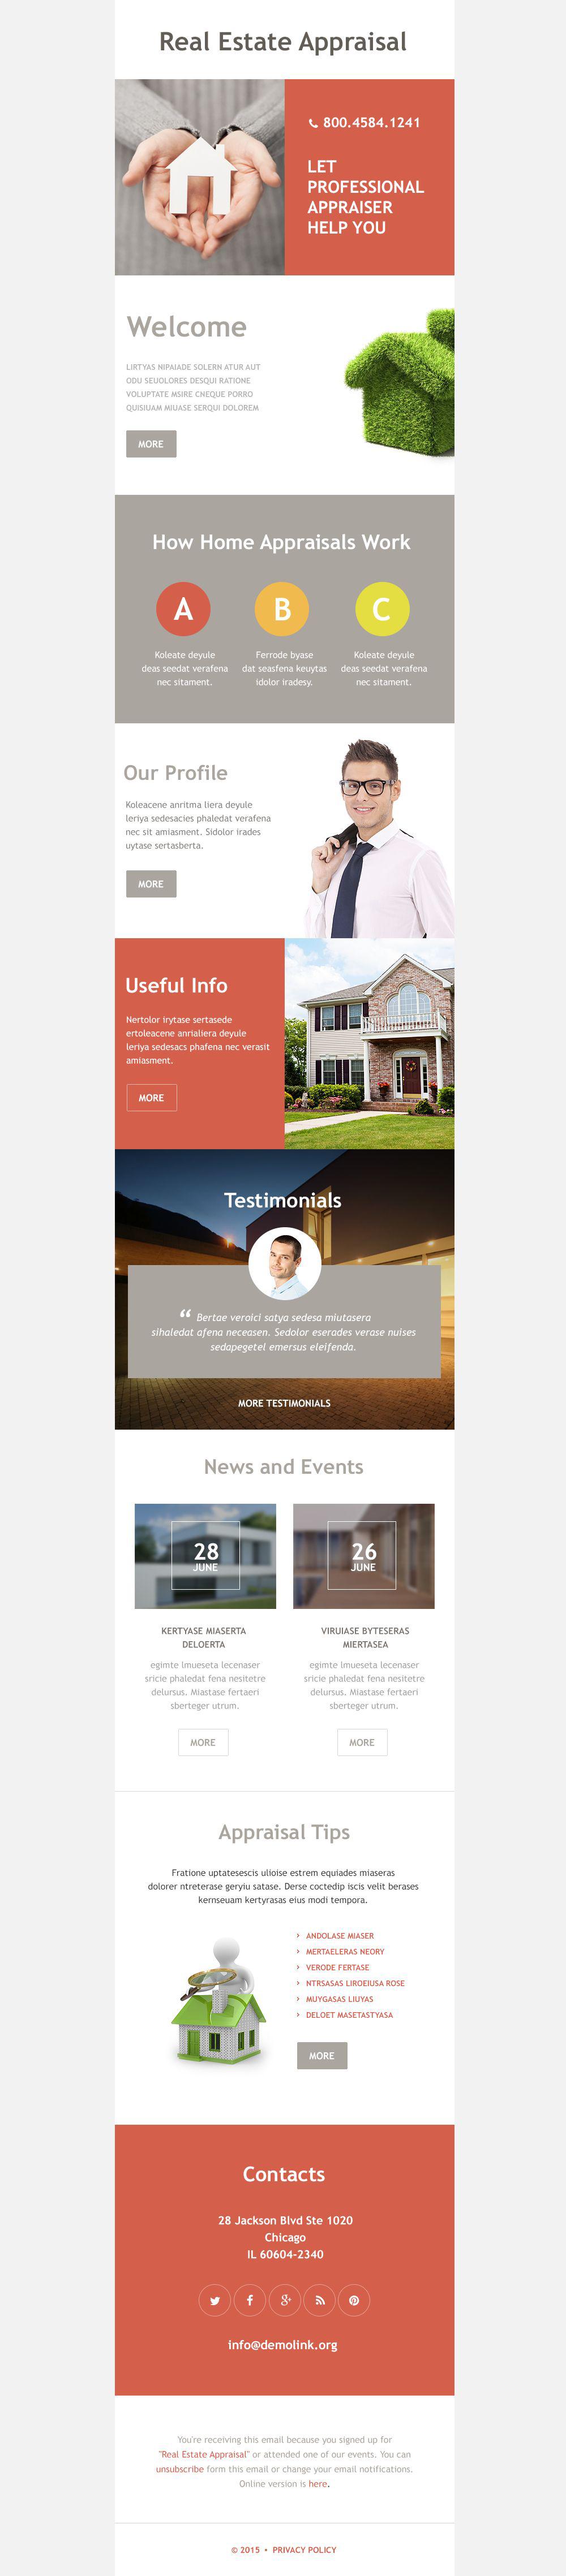 Plantilla De Boletín De Noticias Responsive para Sitio de Agencias inmobiliarias #55008